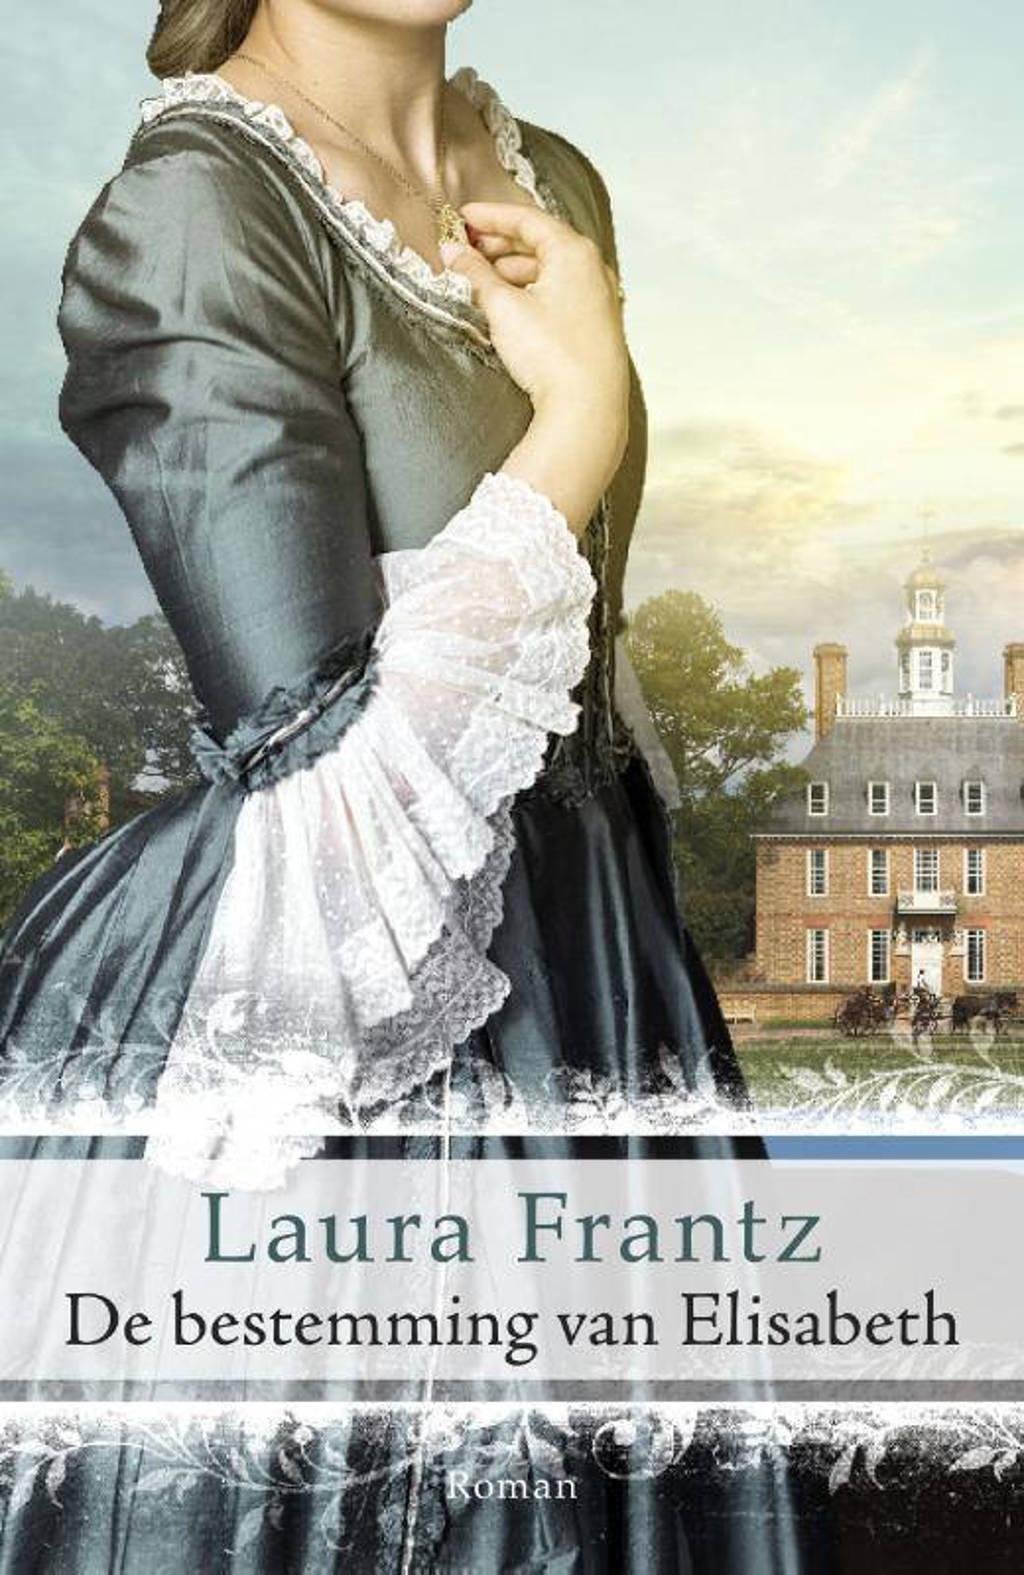 De bestemming van Elisabeth - Laura Frantz